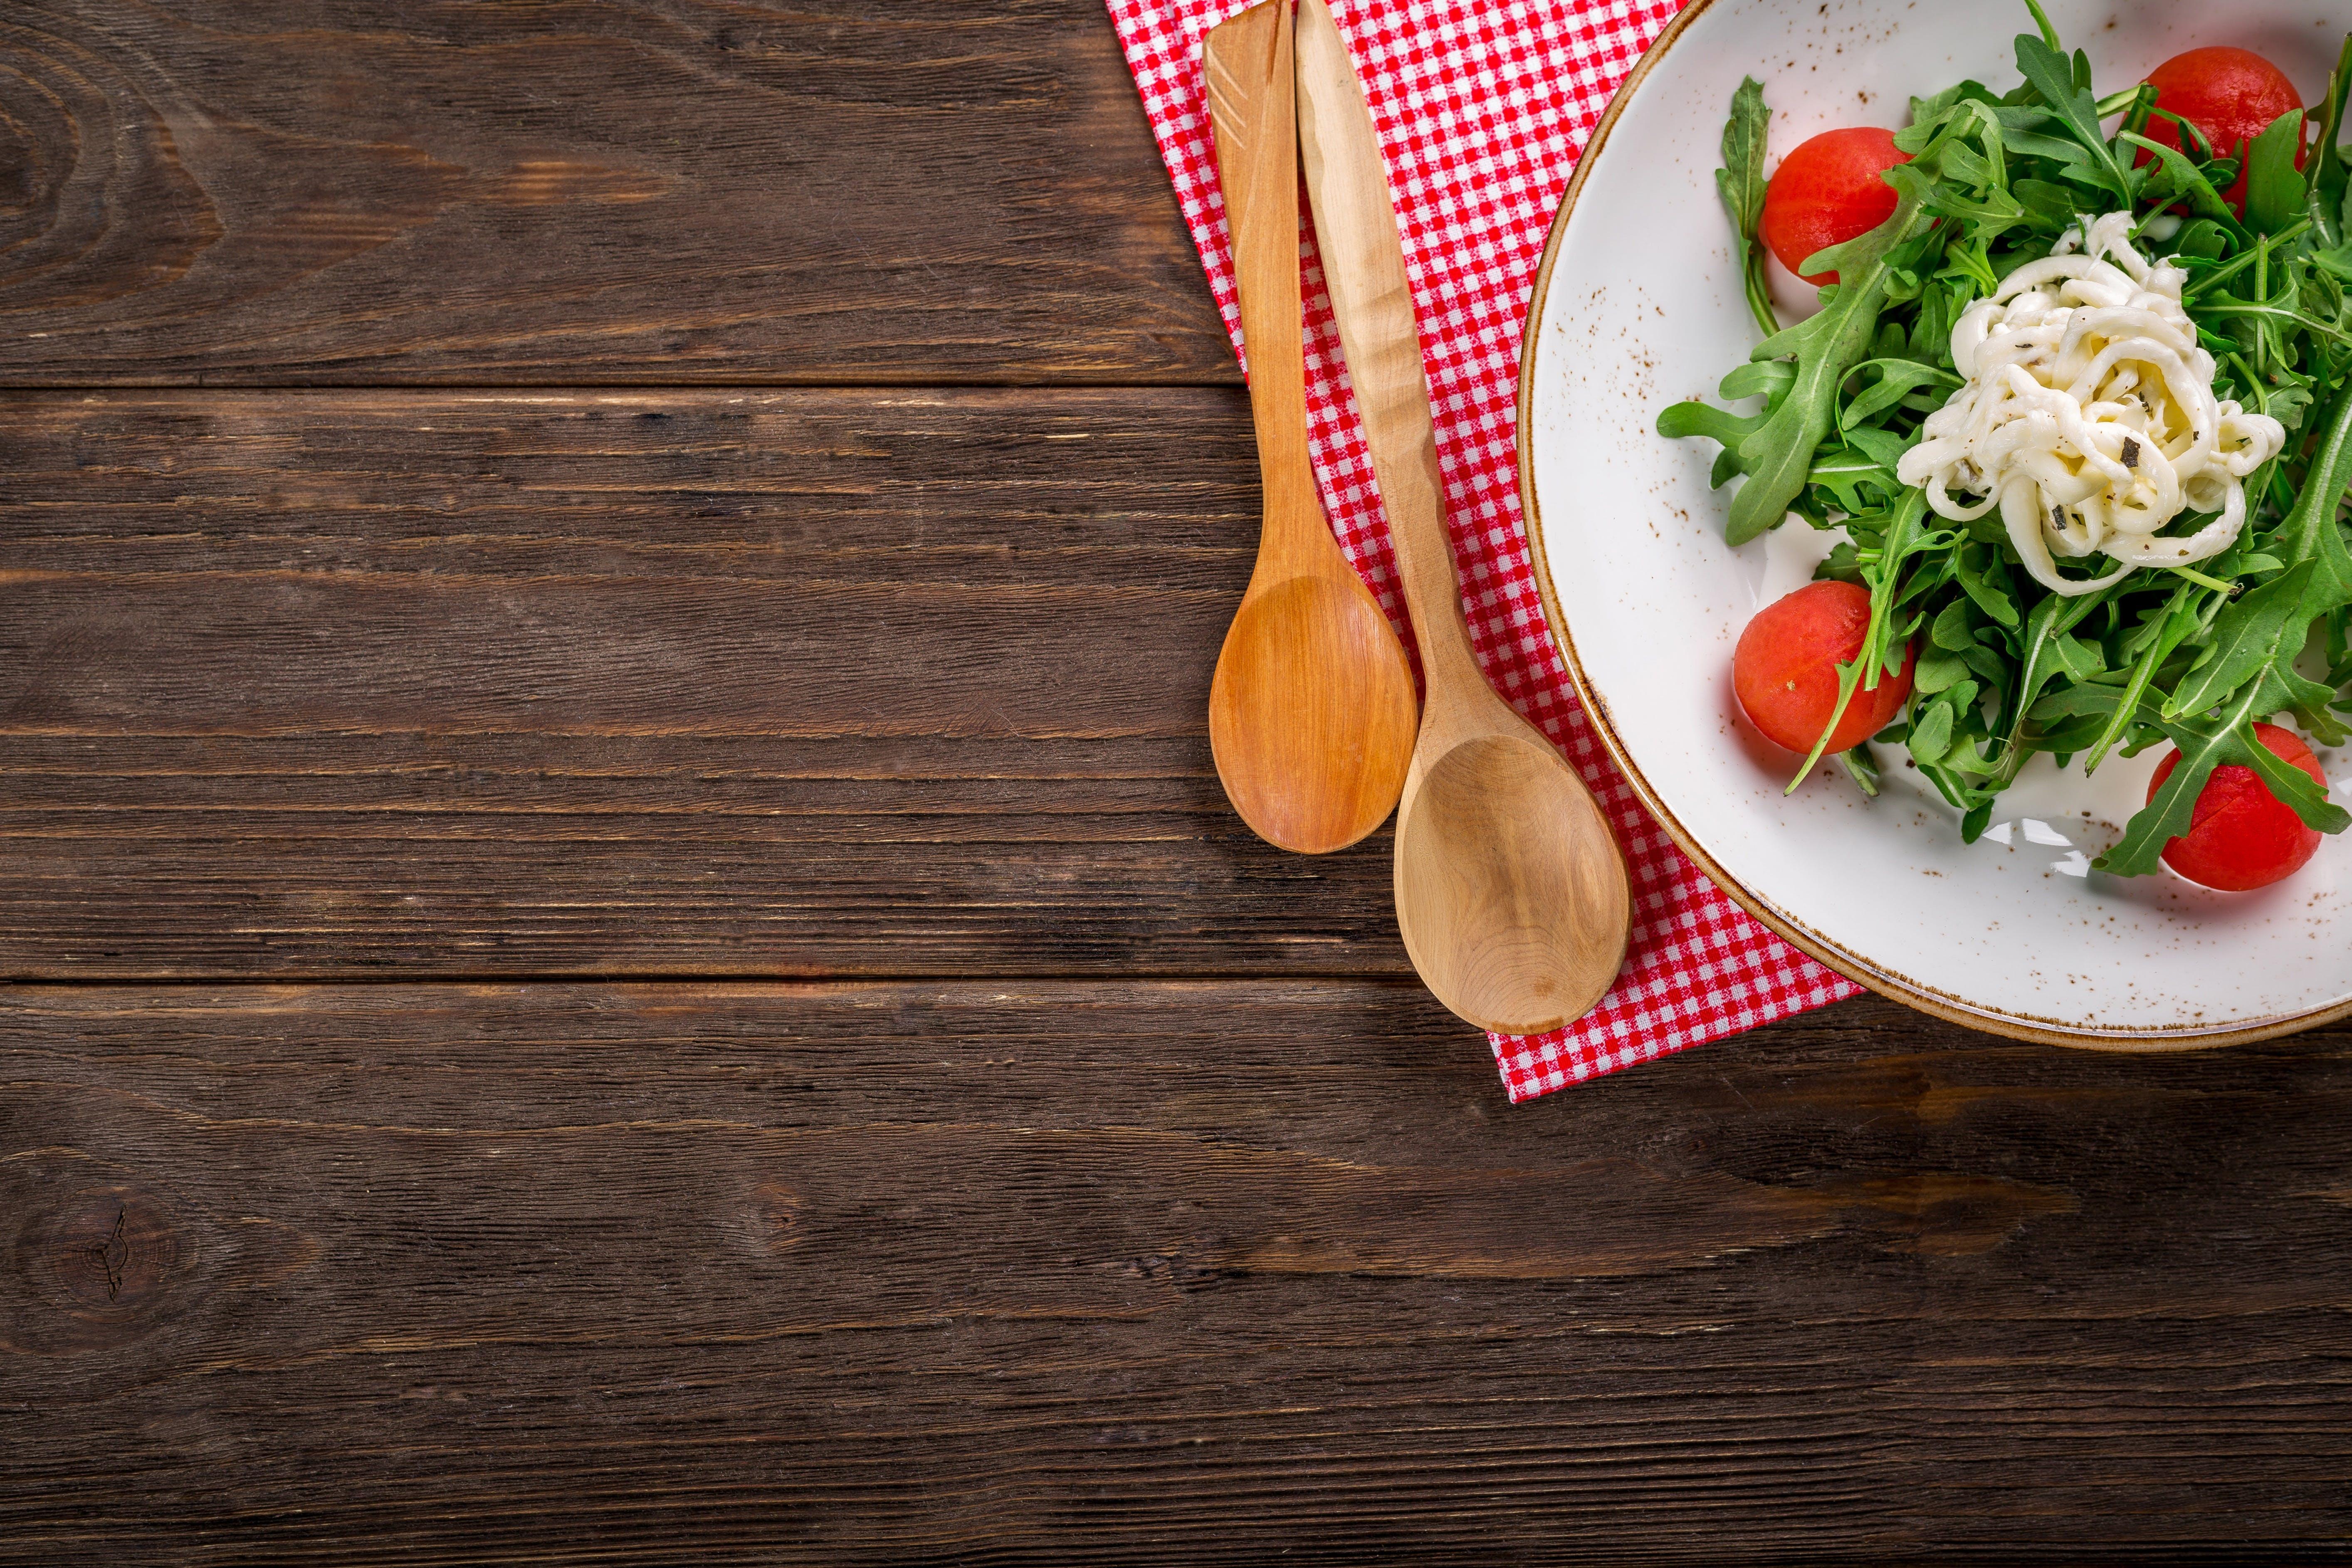 Foto profissional grátis de alimento, almoço, Aperitivo, colheres